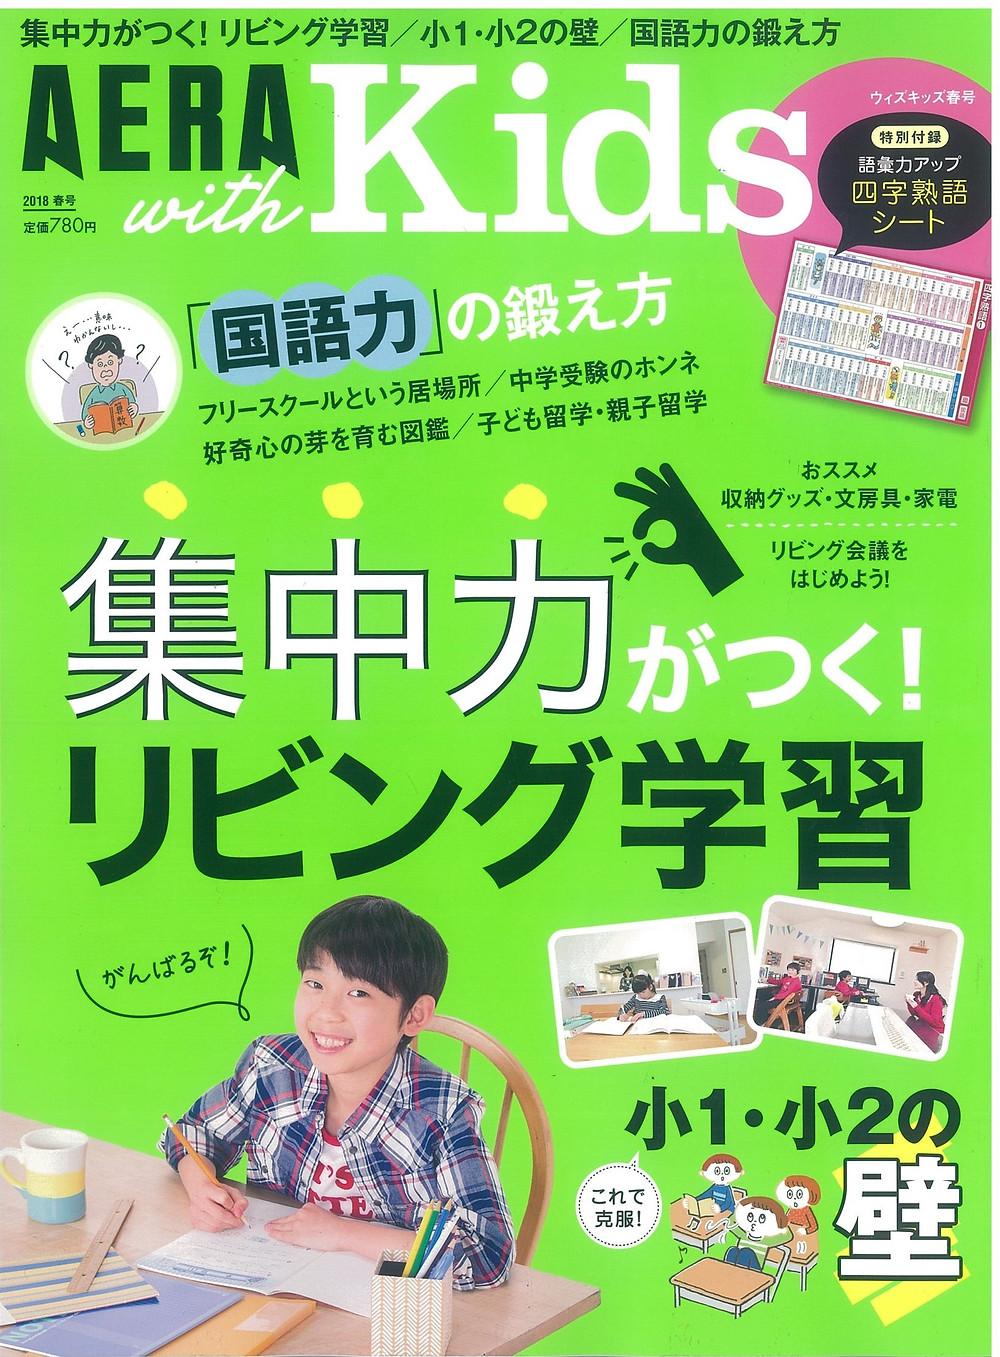 3/5発売のAERA with Kidsに掲載されました。